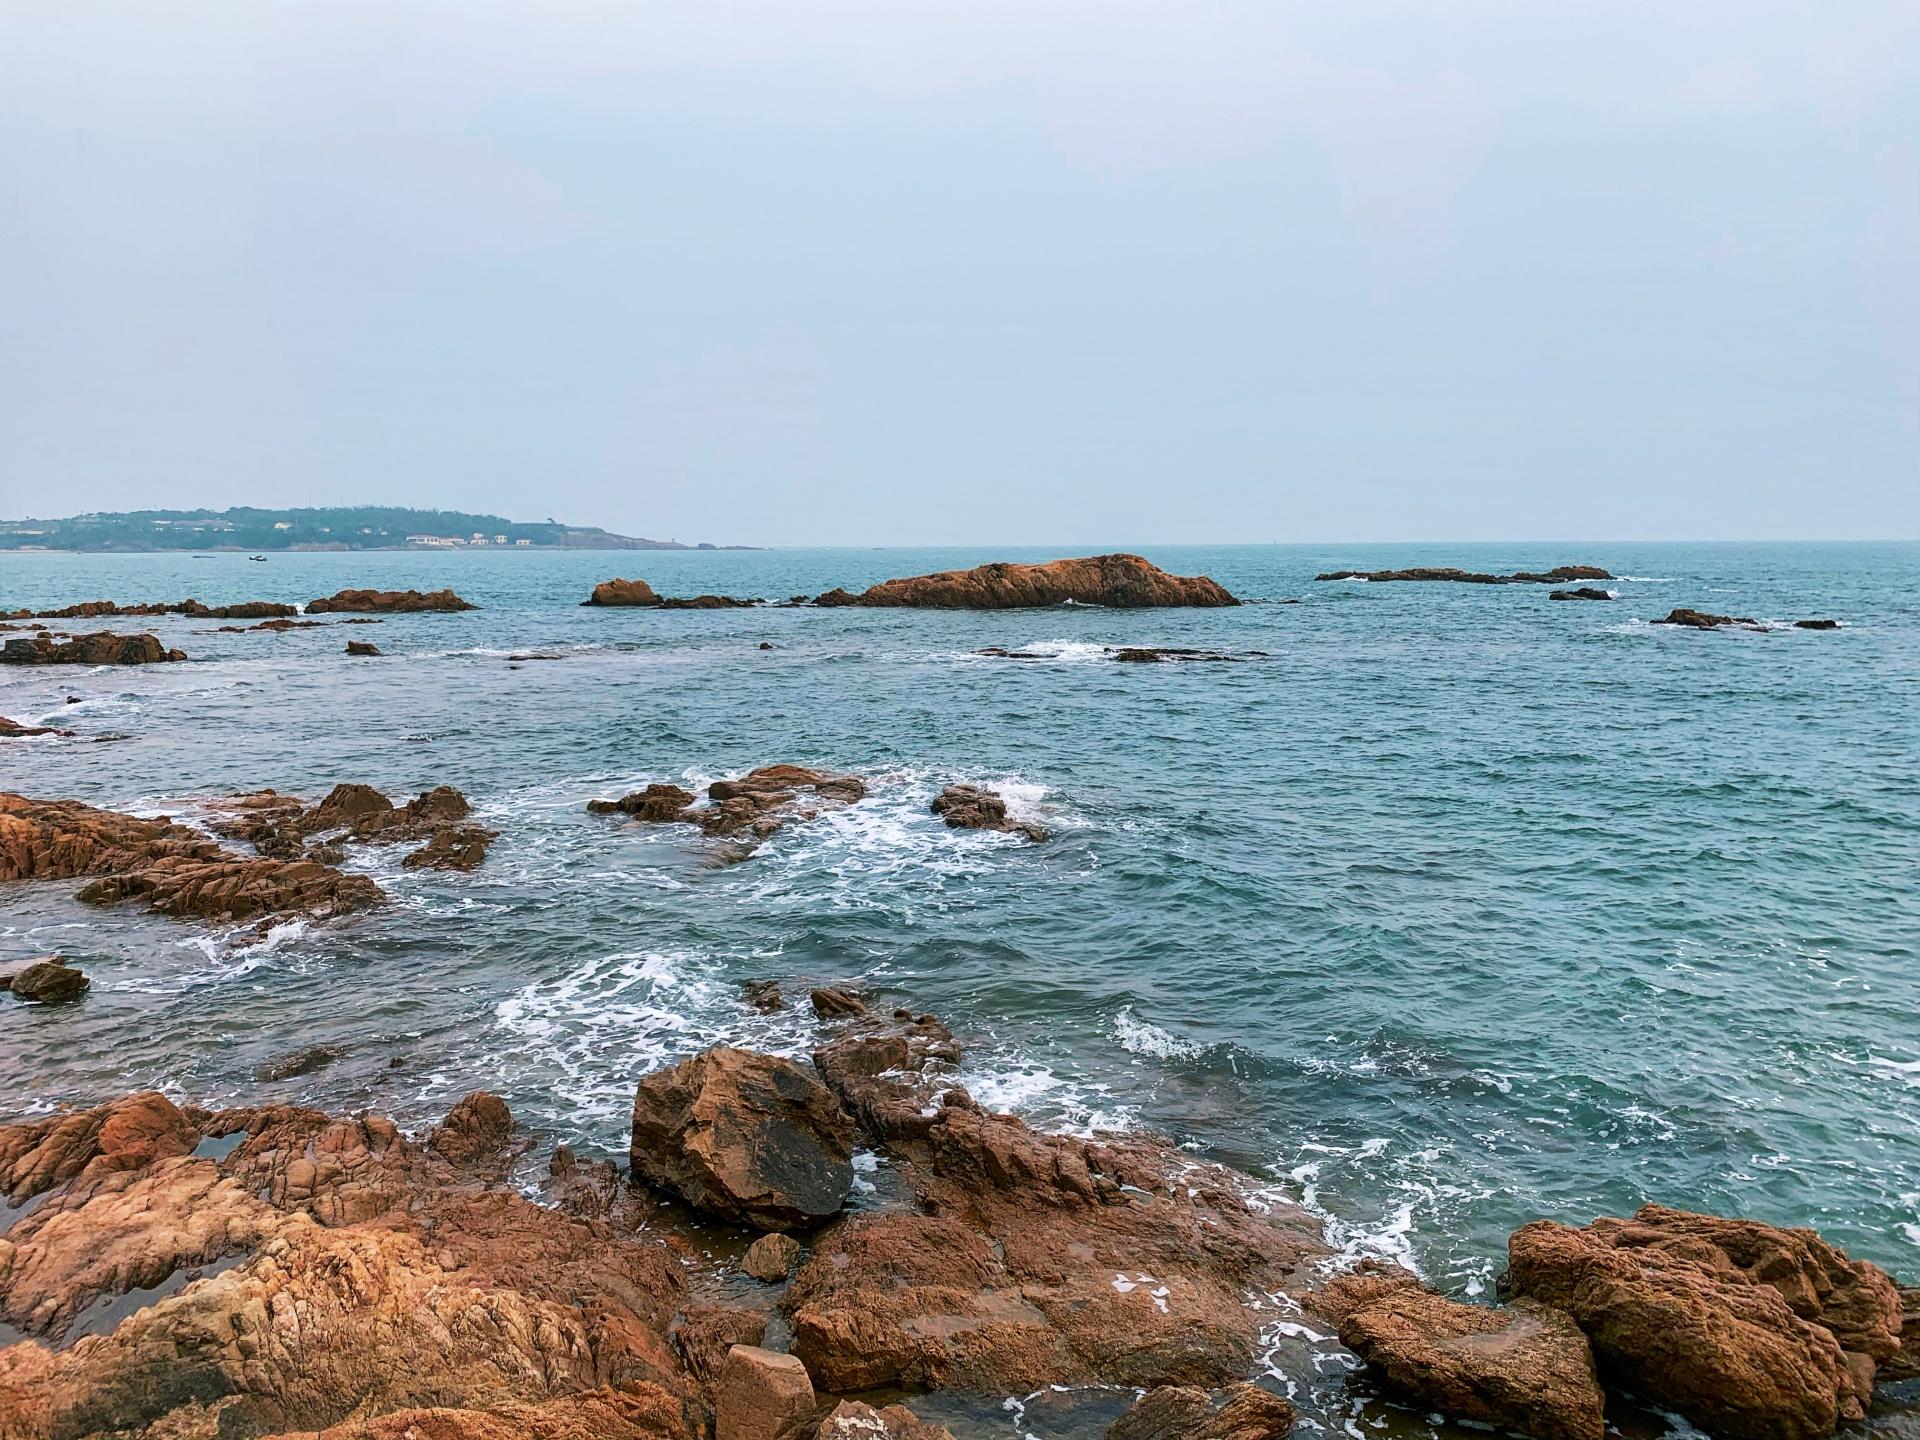 哪一瞬间,让你觉得在青岛生活特别有幸福感?